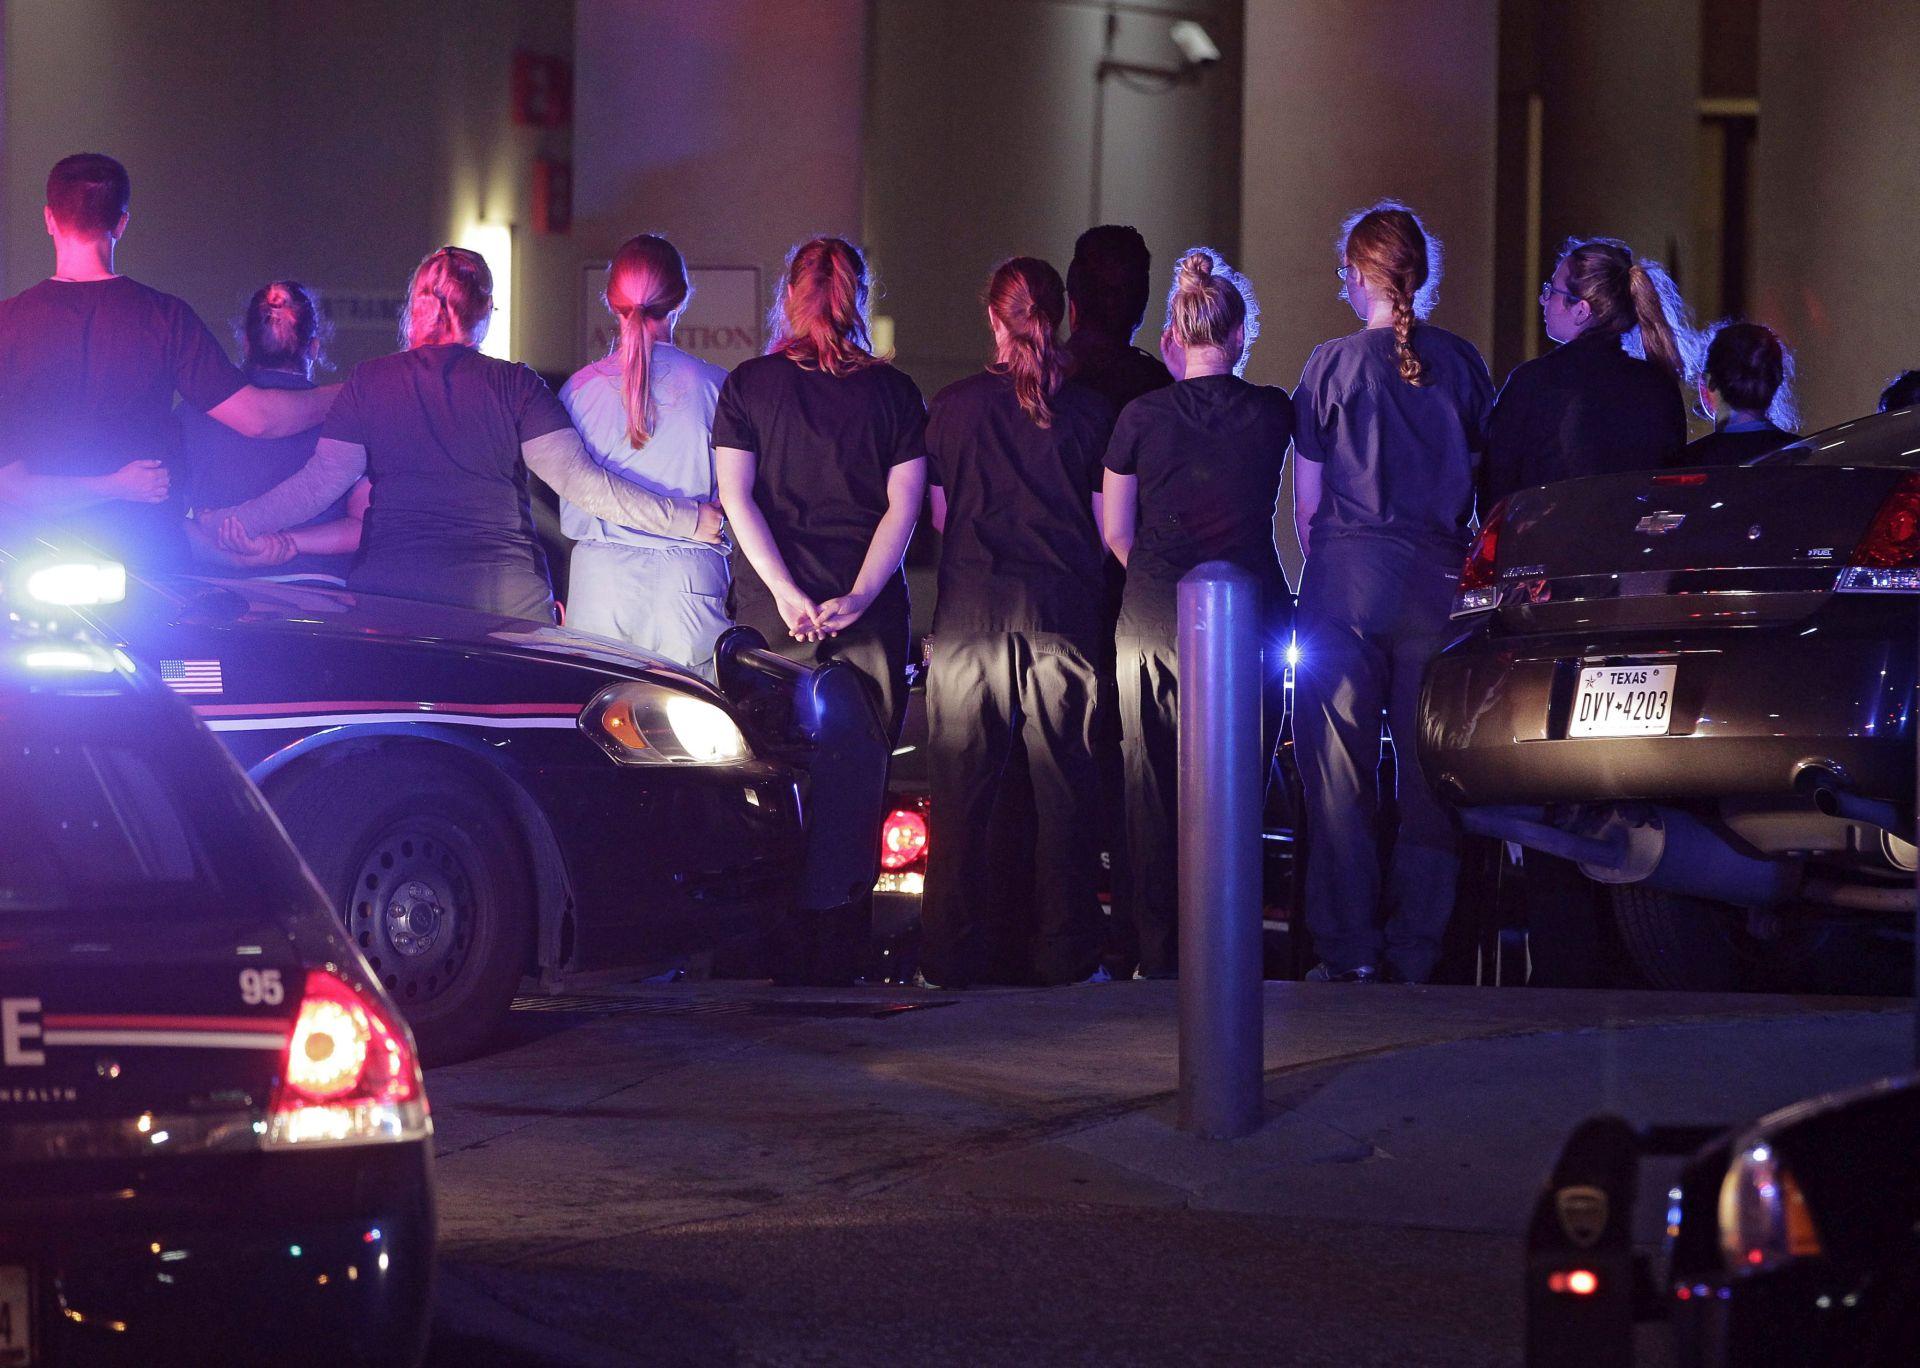 SKRAĆENI POSJET: Ubojstva u Dallasu bacila sjenu na Obamin posjet Španjolskoj